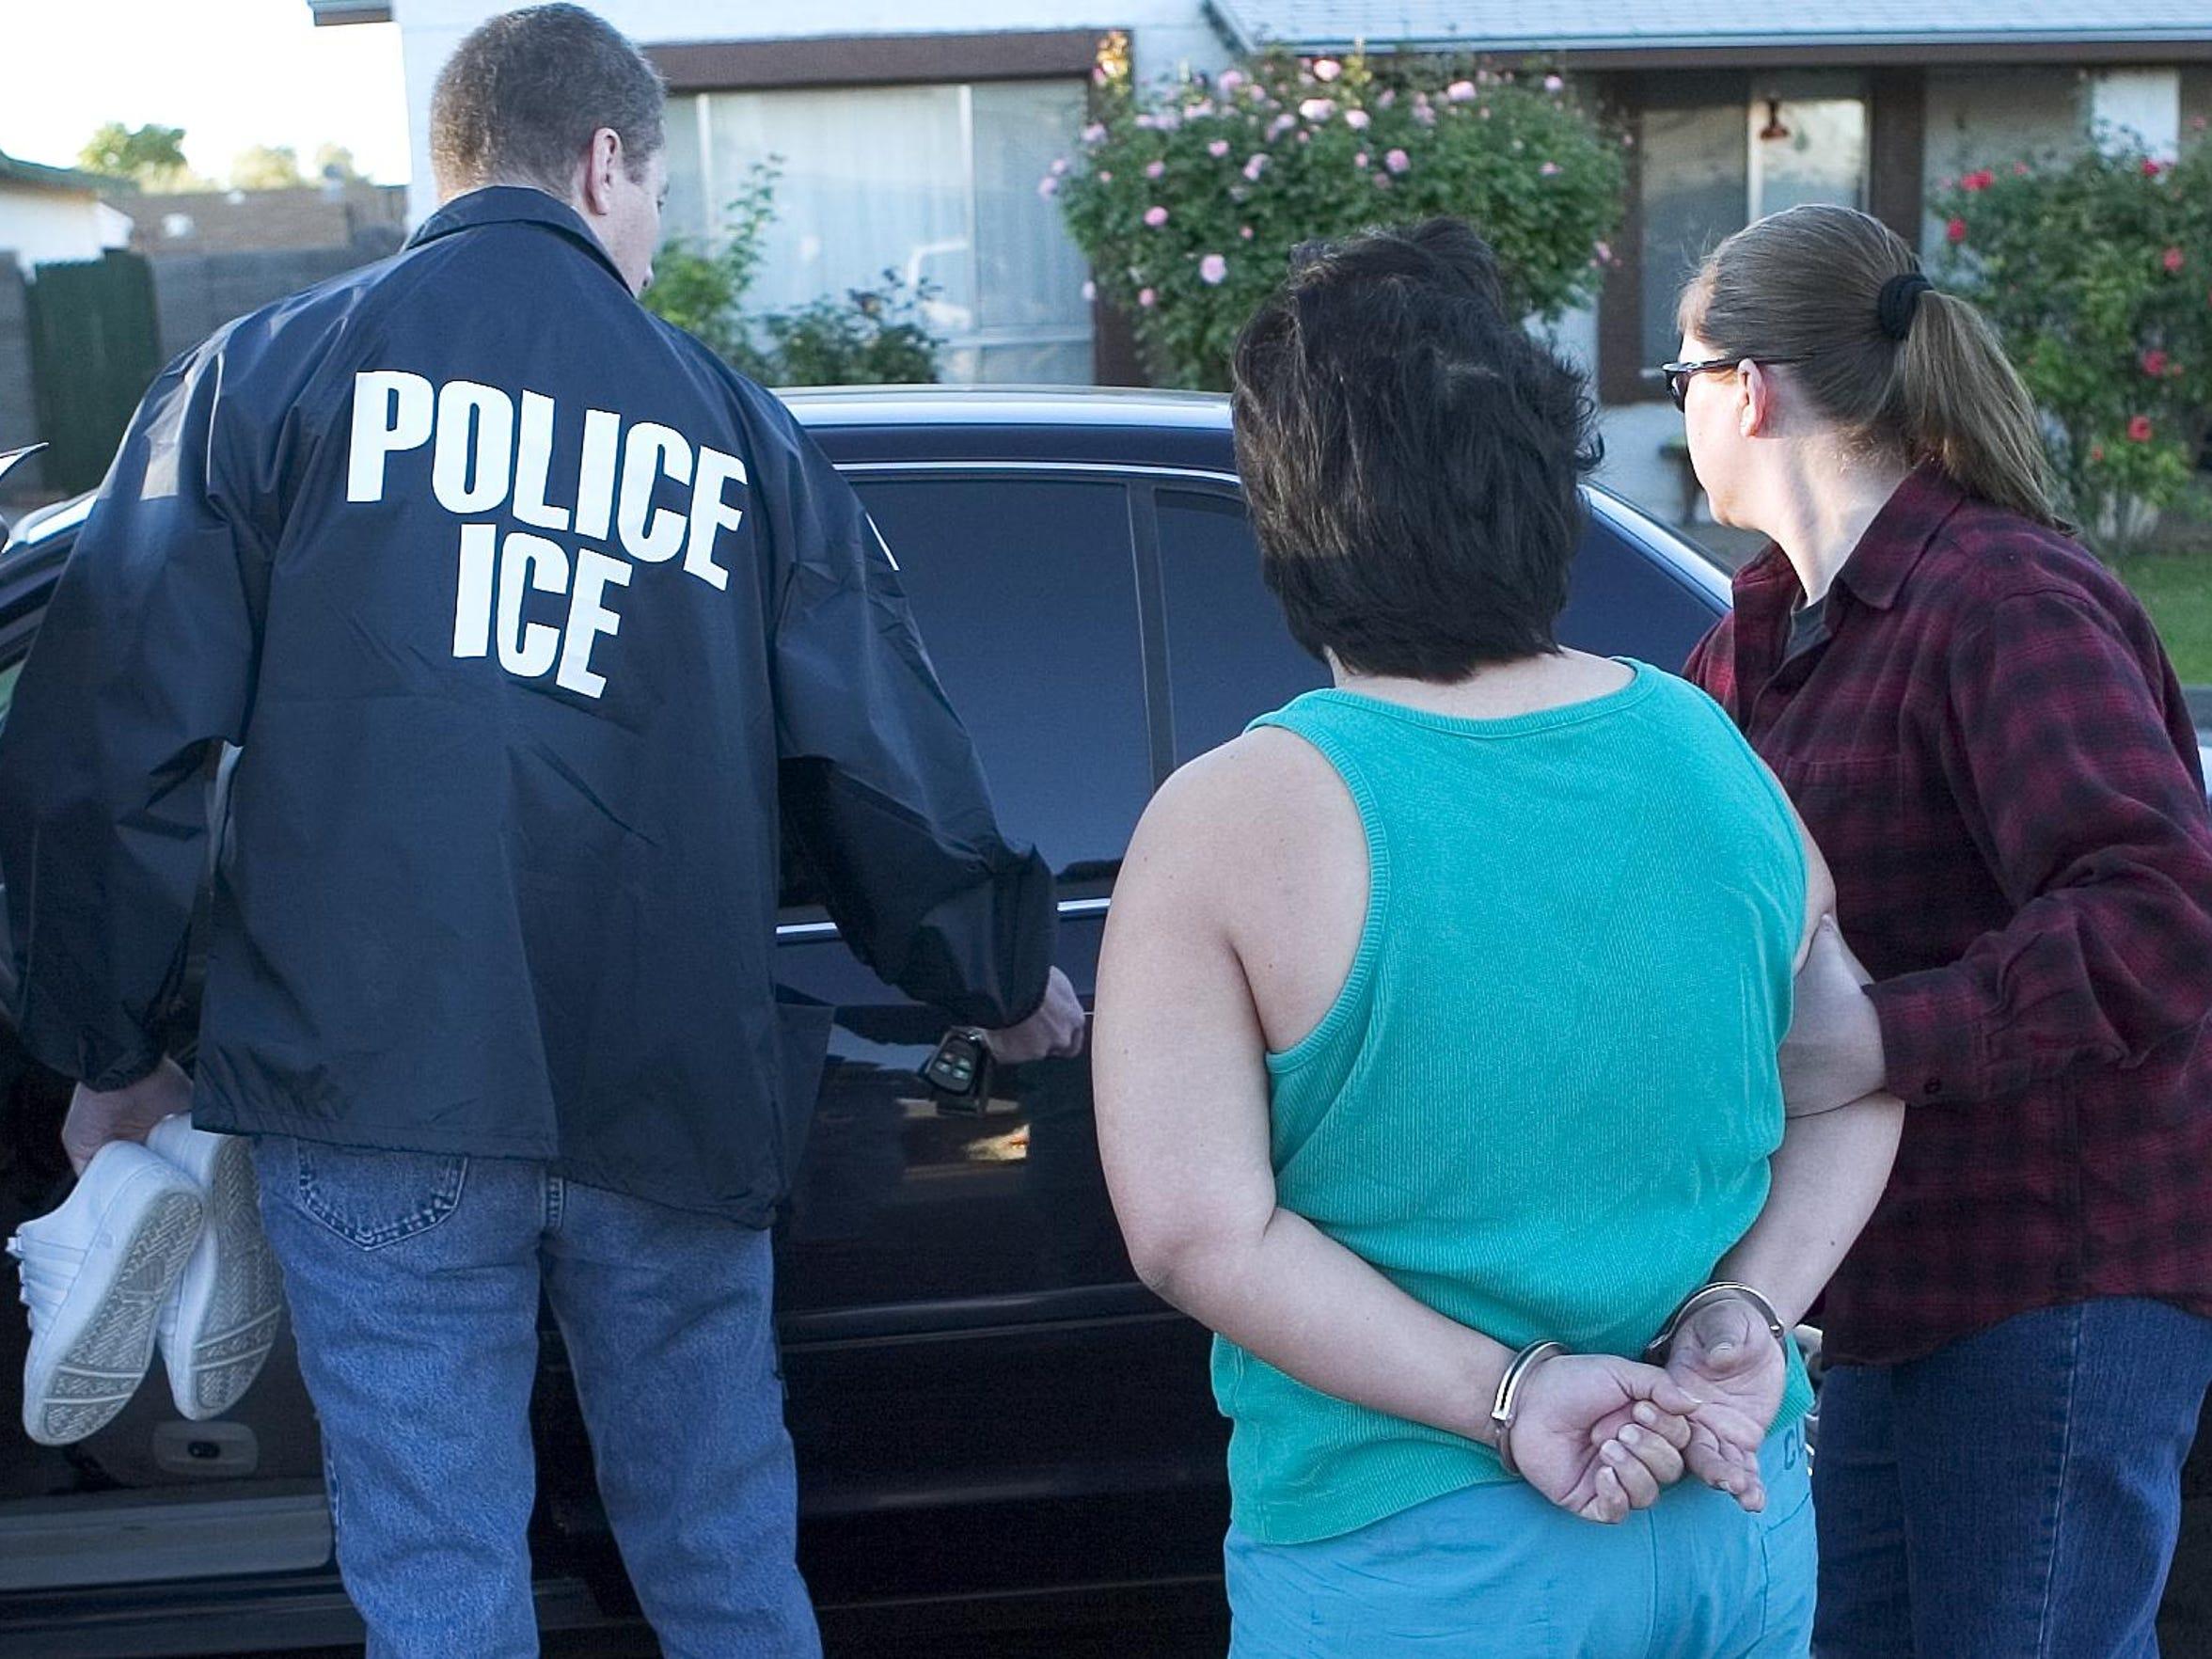 La SB1070 avivó el temor de la comunidad inmigrante a ser detenida y deportada.